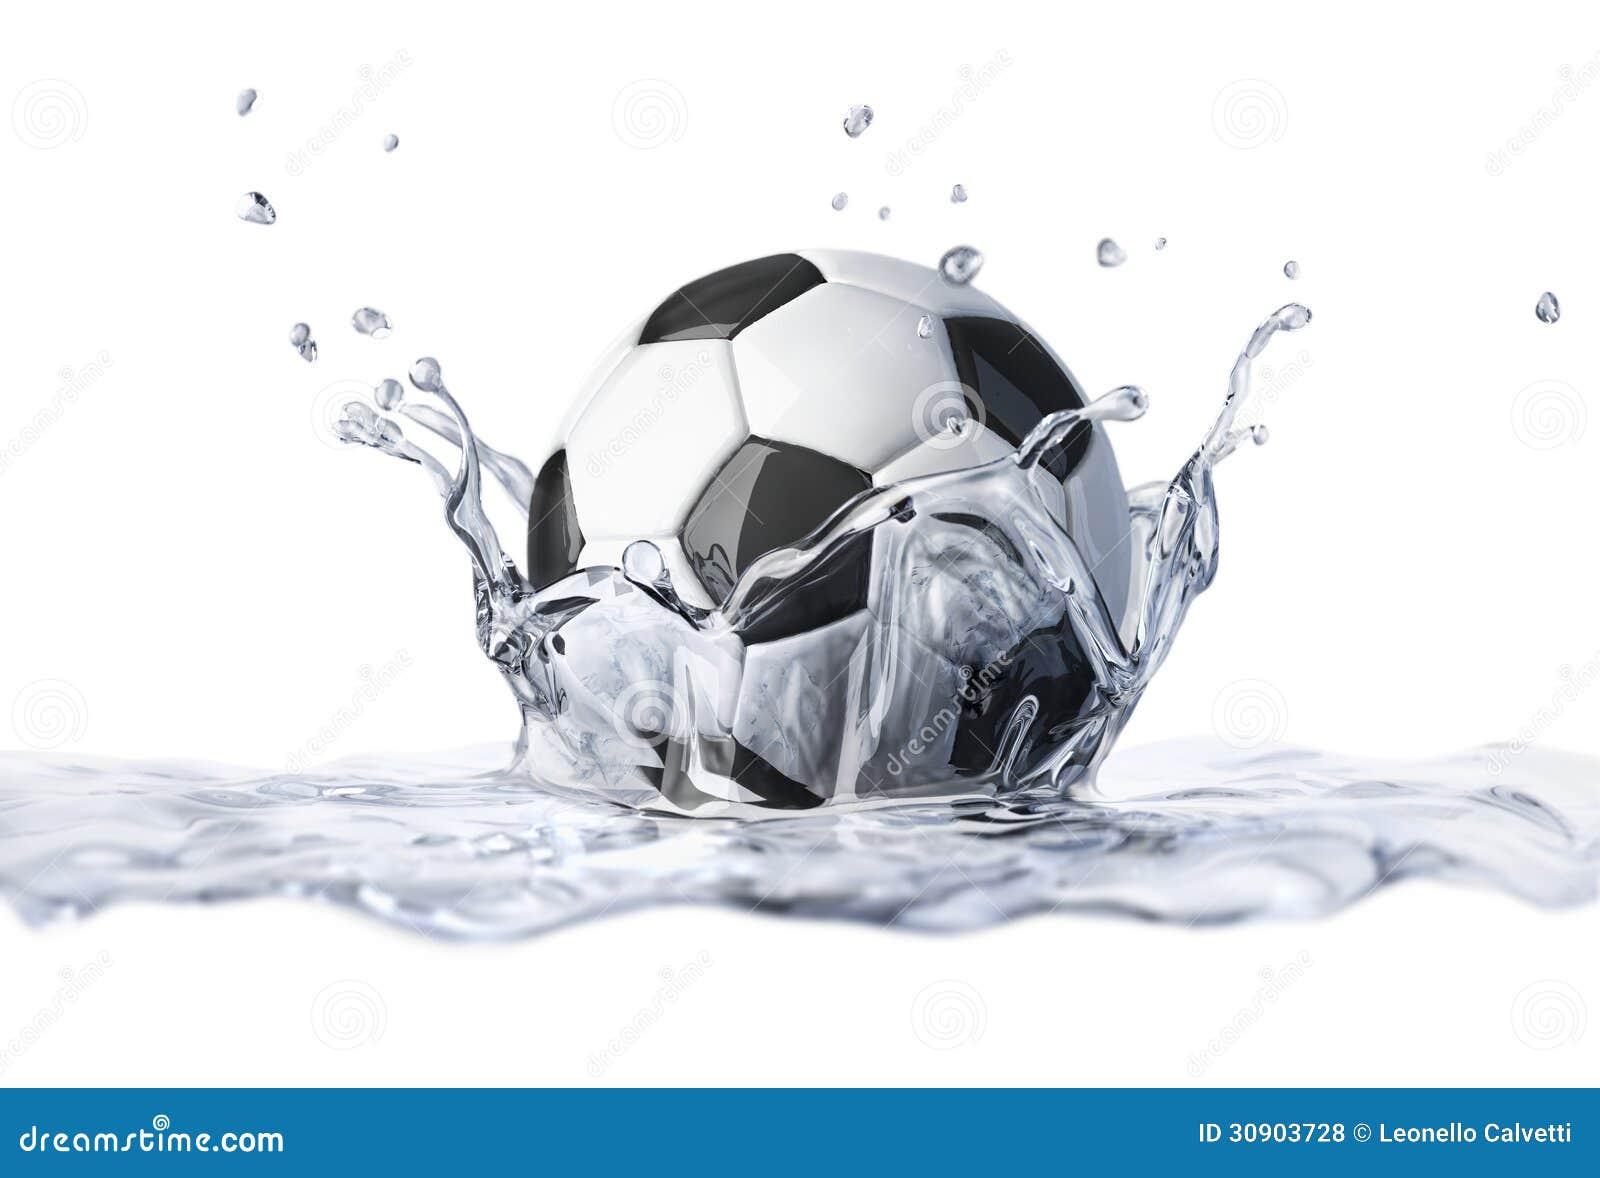 Voetbalbal die in duidelijk water vallen, die een kroonplons vormen.